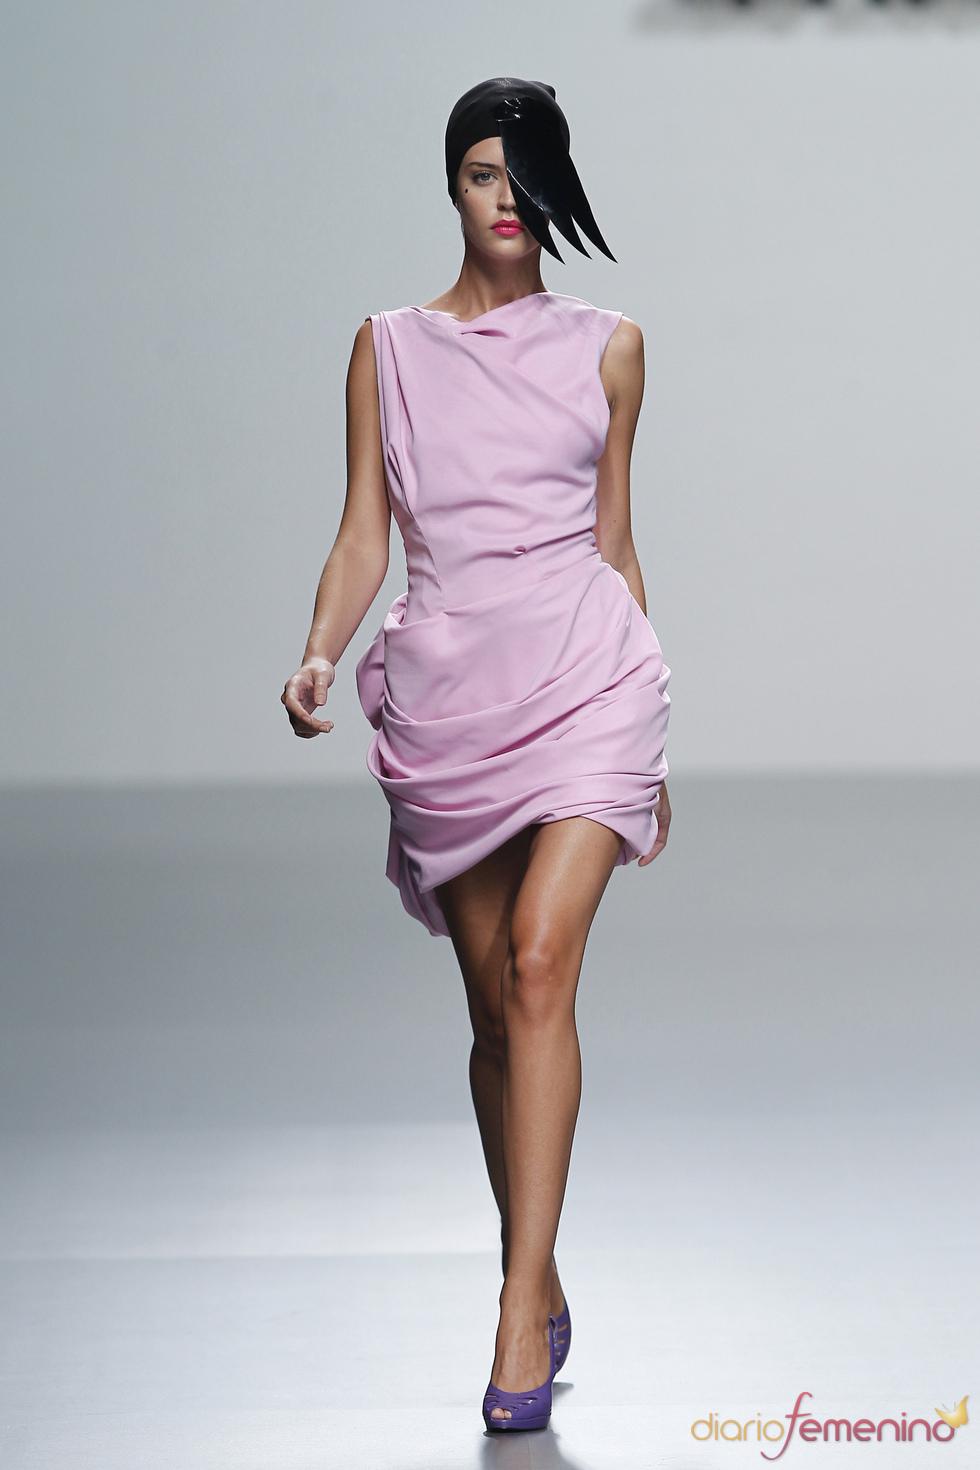 El rosa pastel destaca la feminidad en este diseño de María Barros